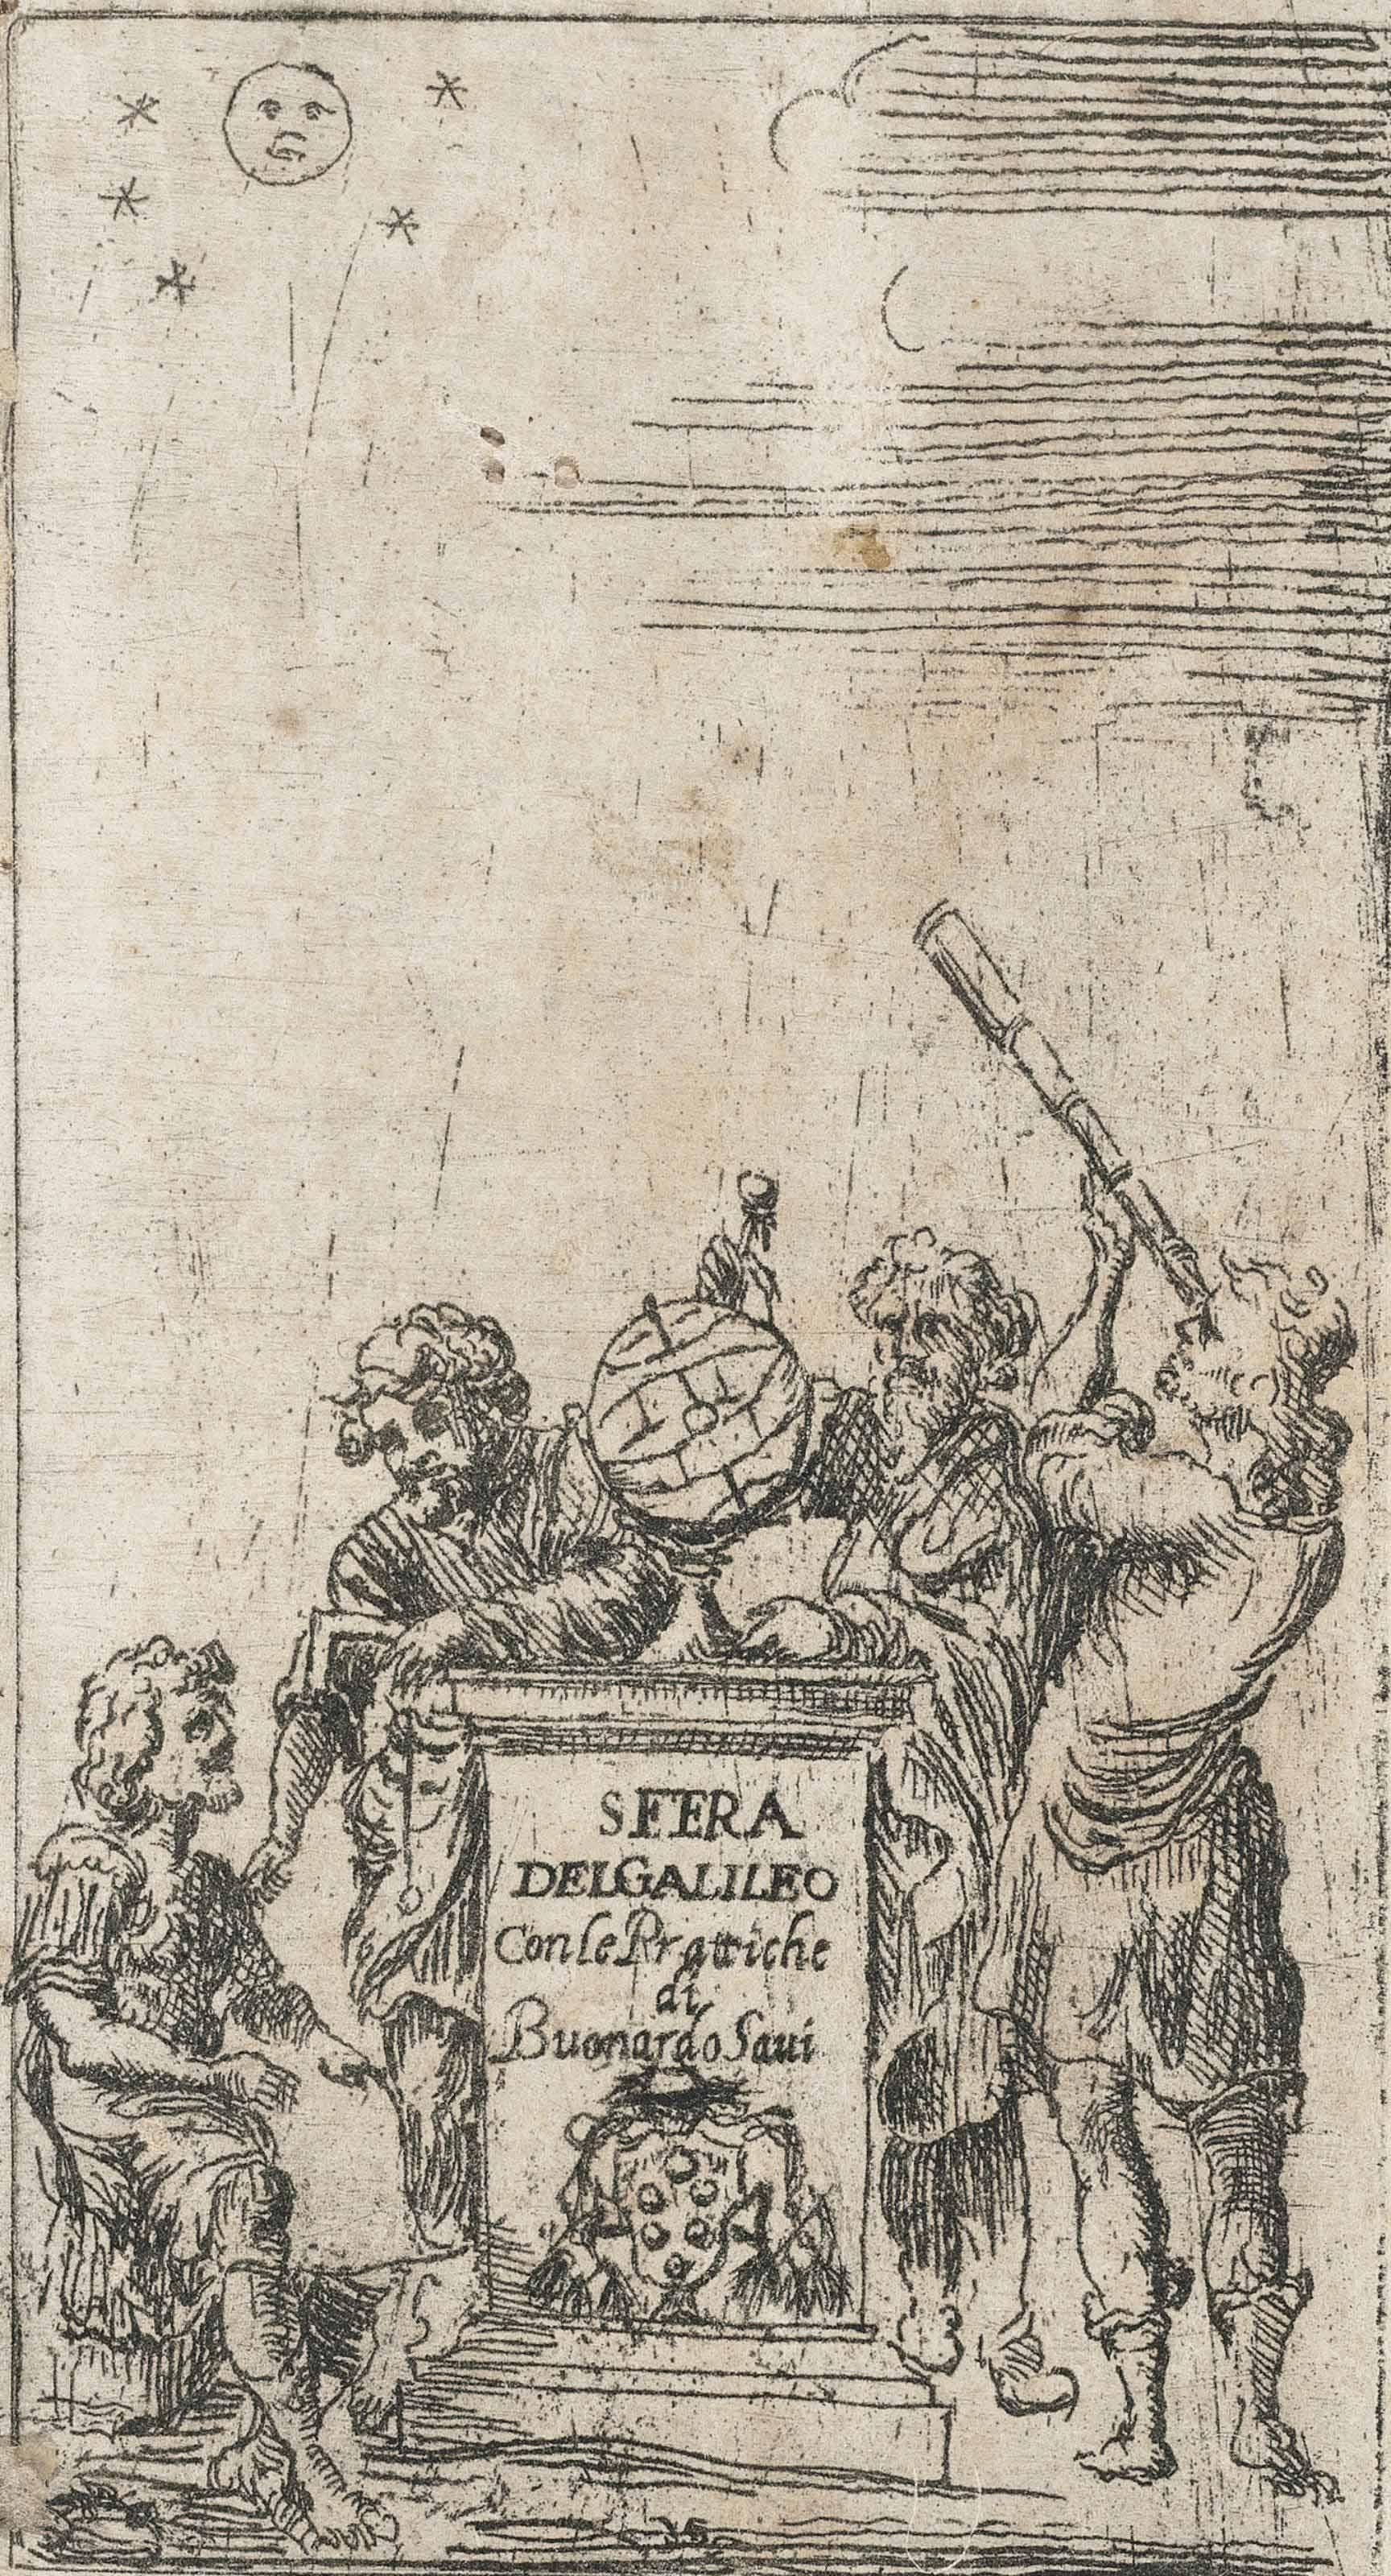 GALILEI, Galileo (1564-1642) and Buonardo SAVI [Urbano D'AVISO, (b. 1618)]. Trattato della sfera di Galileo Galilei, con alcune prattiche intorno a quella, e modo di fare la figura celeste, e suoi direttioni, secondo la via rationale. Rome: Nicolò Angelo Tinassi, for Domenico Grialdi, 1656.